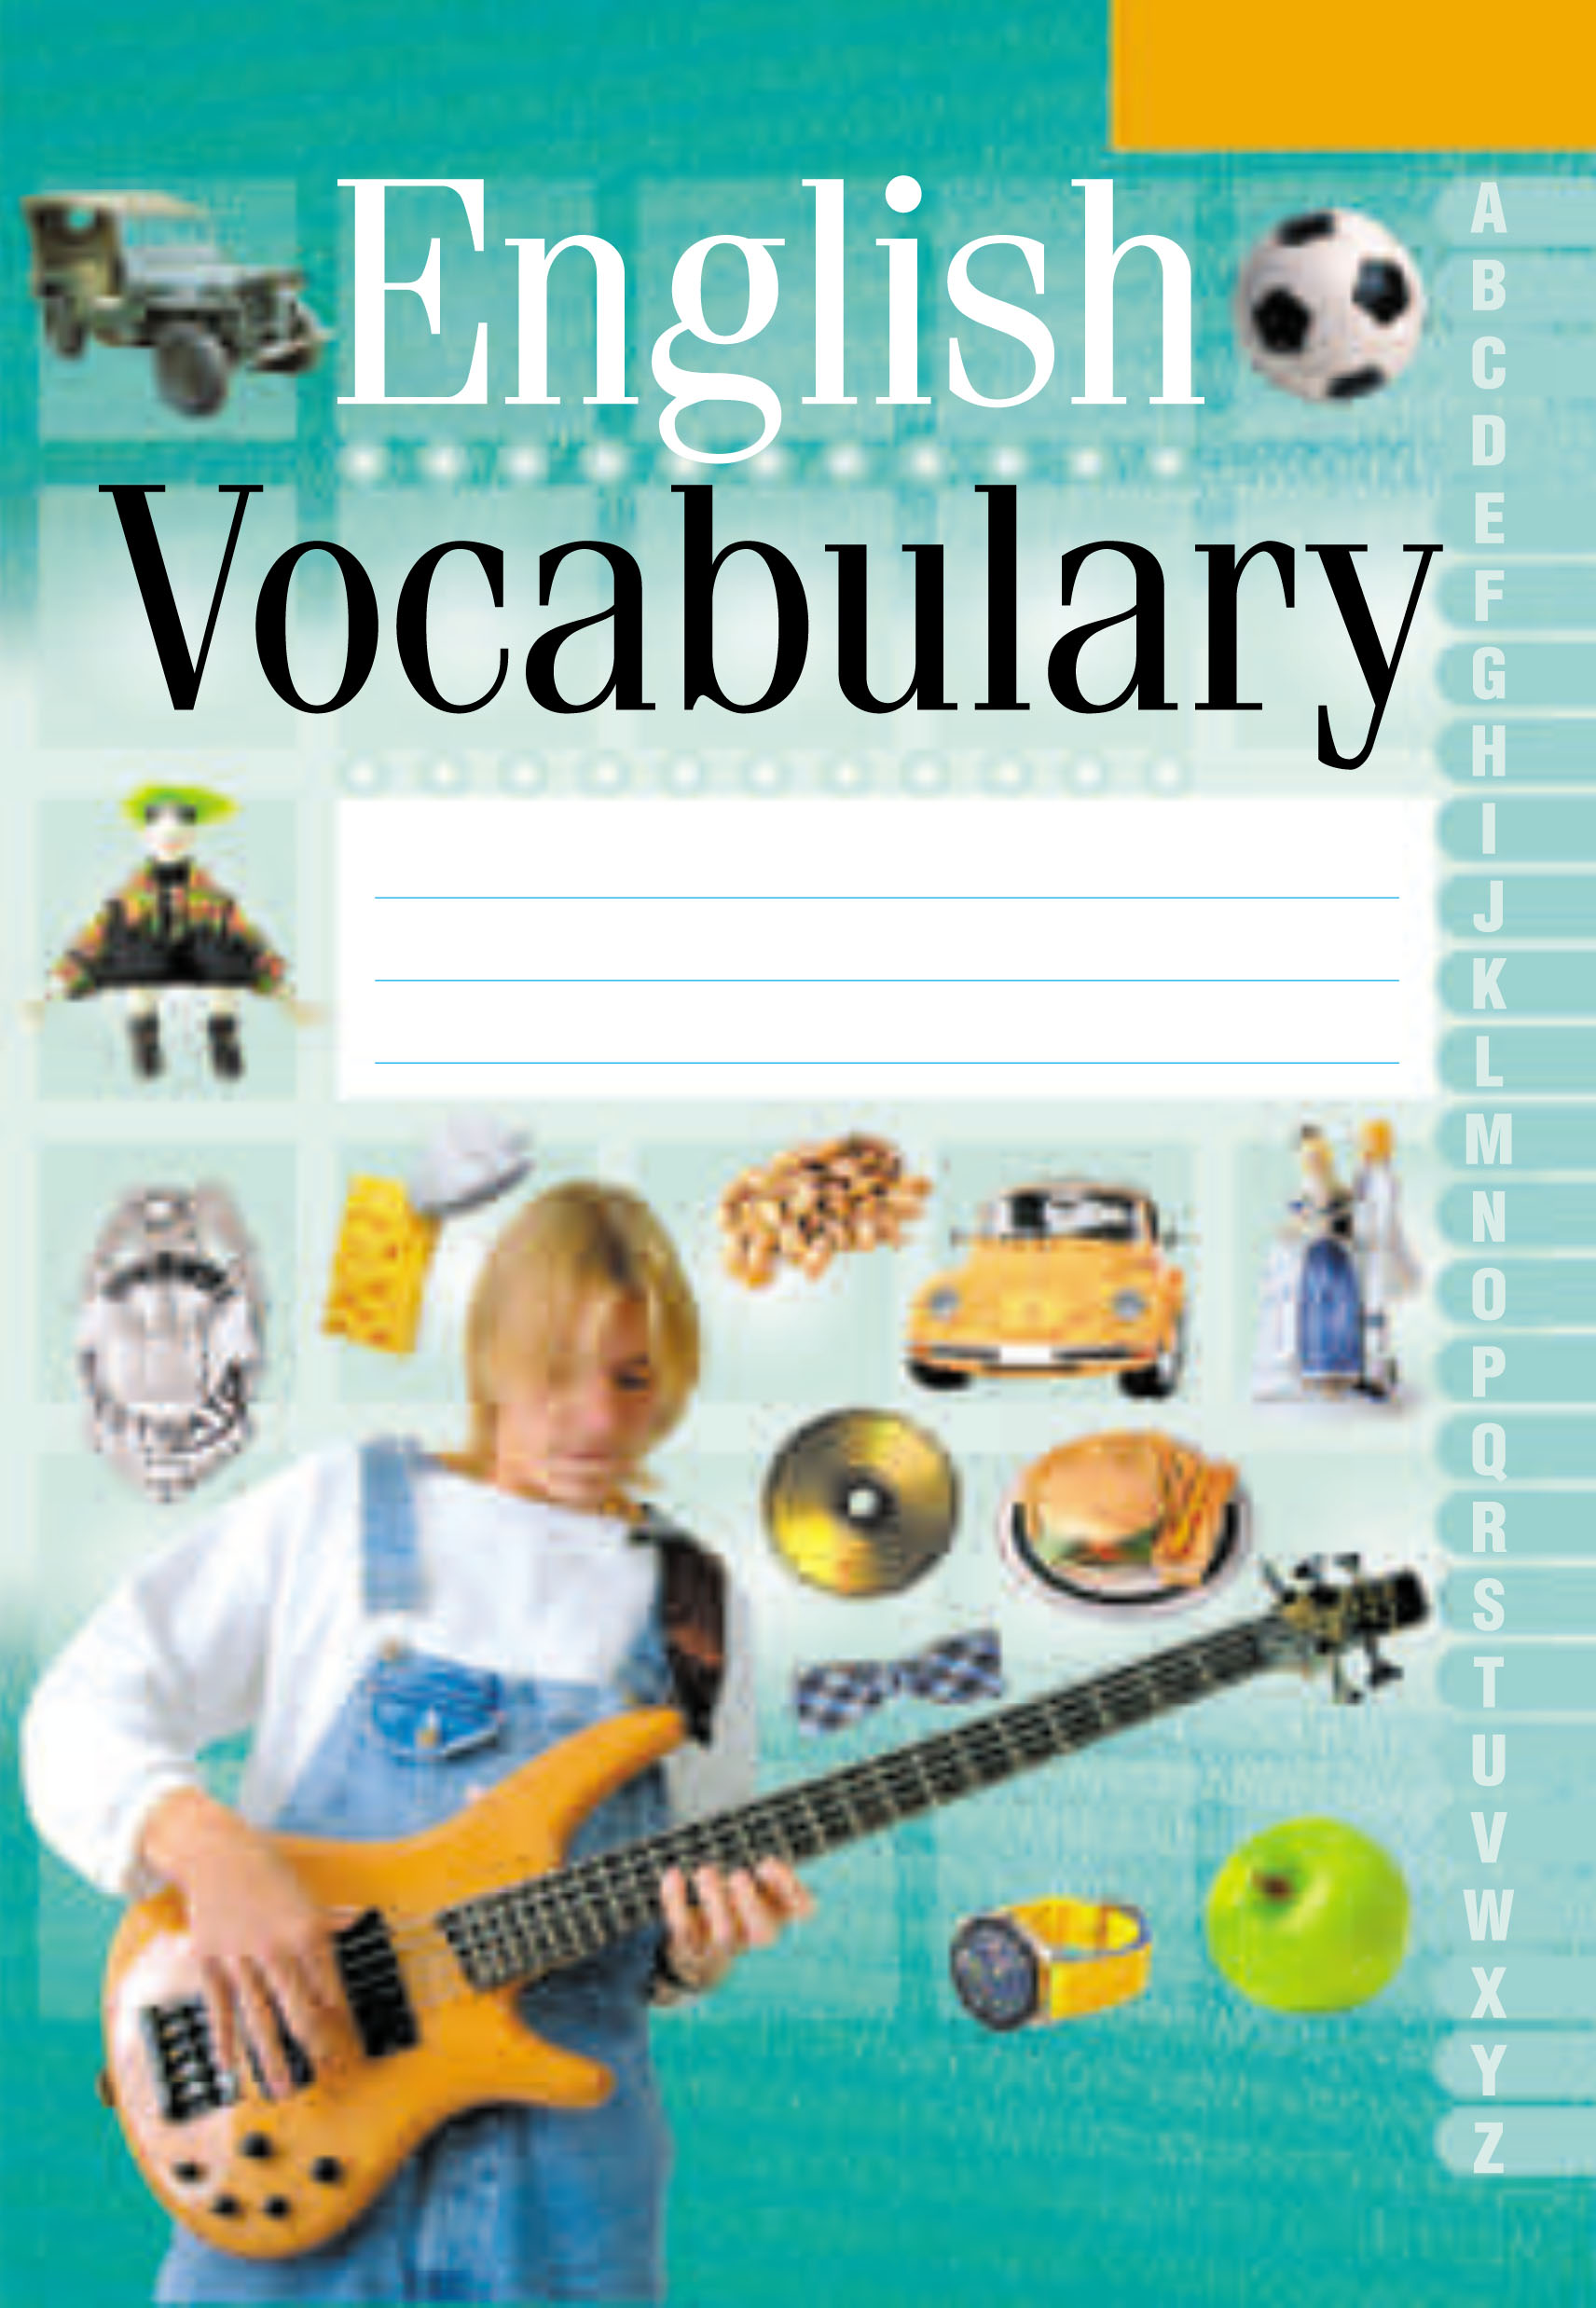 English Vocabulary. Английский язык. Тетрадь-словарик (зеленая обложка) 2016